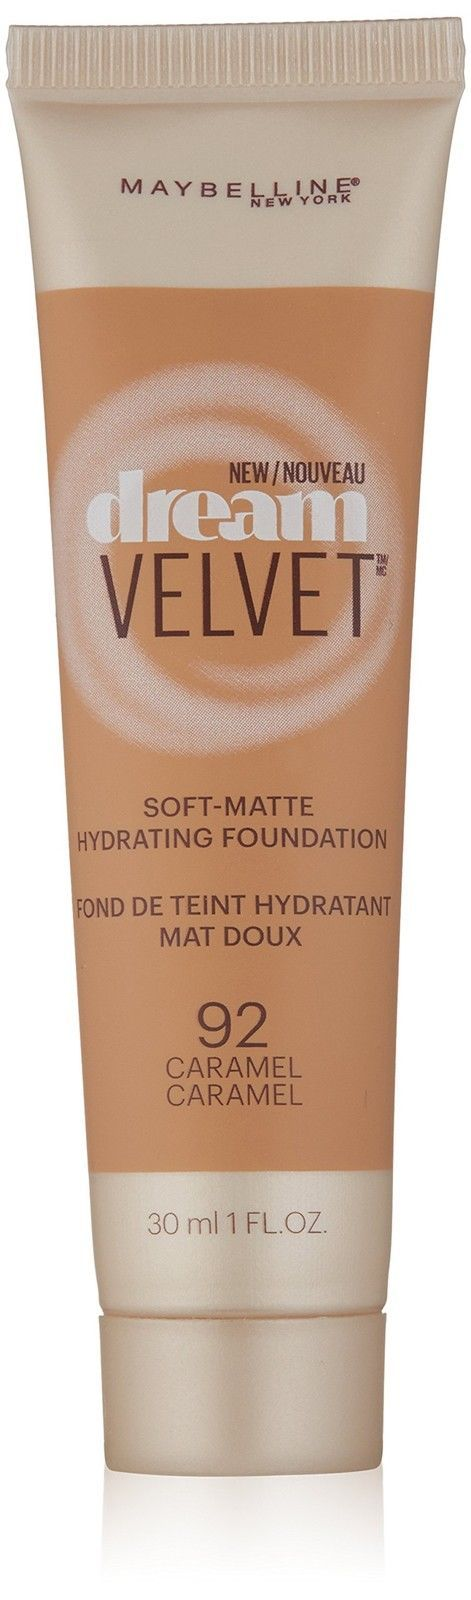 Maybelline New York Dream Velvet Foundation Caramel 1 Fluid Ounce